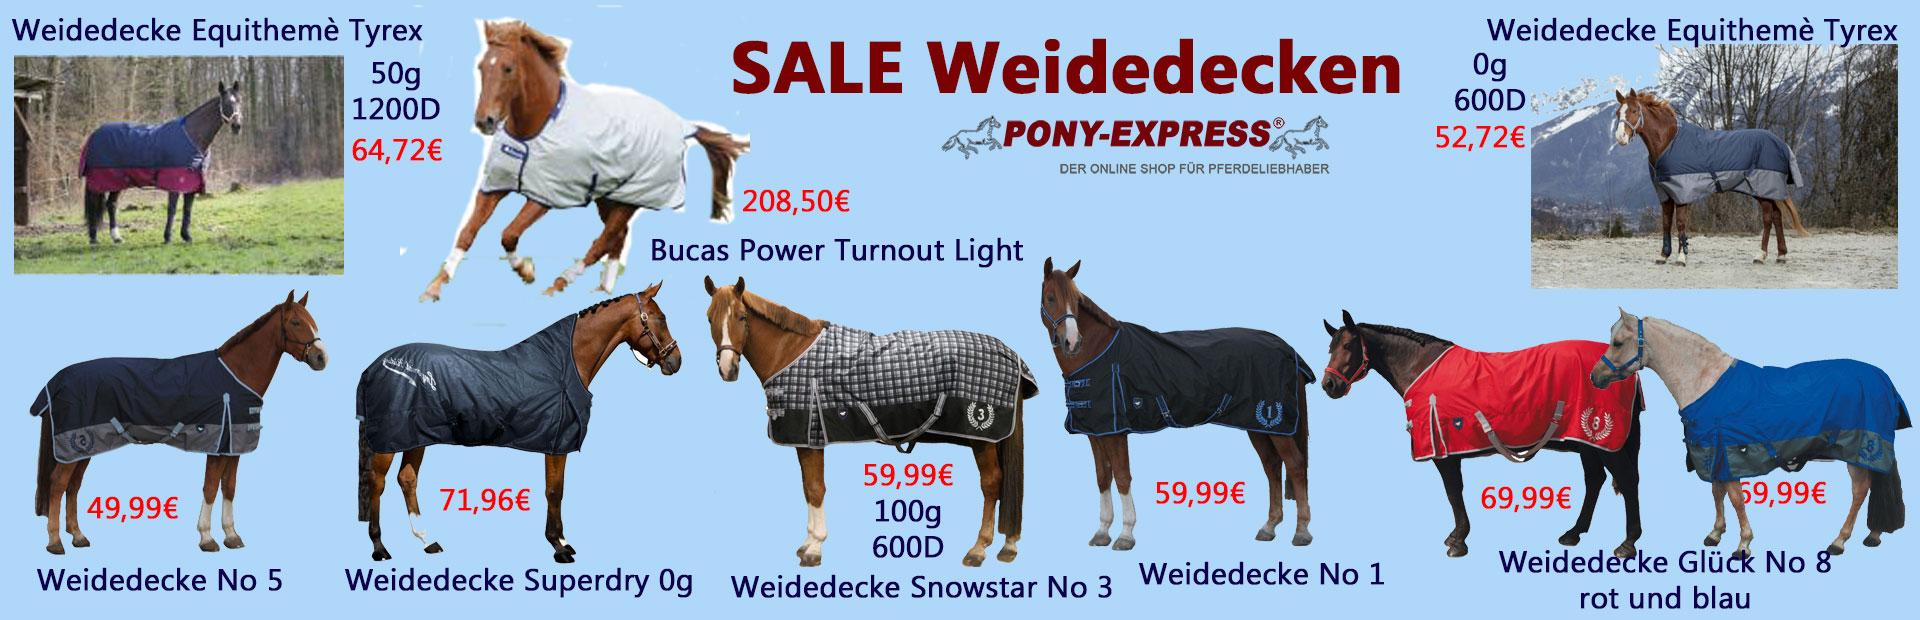 Weidedecken bei Pony-Express.de